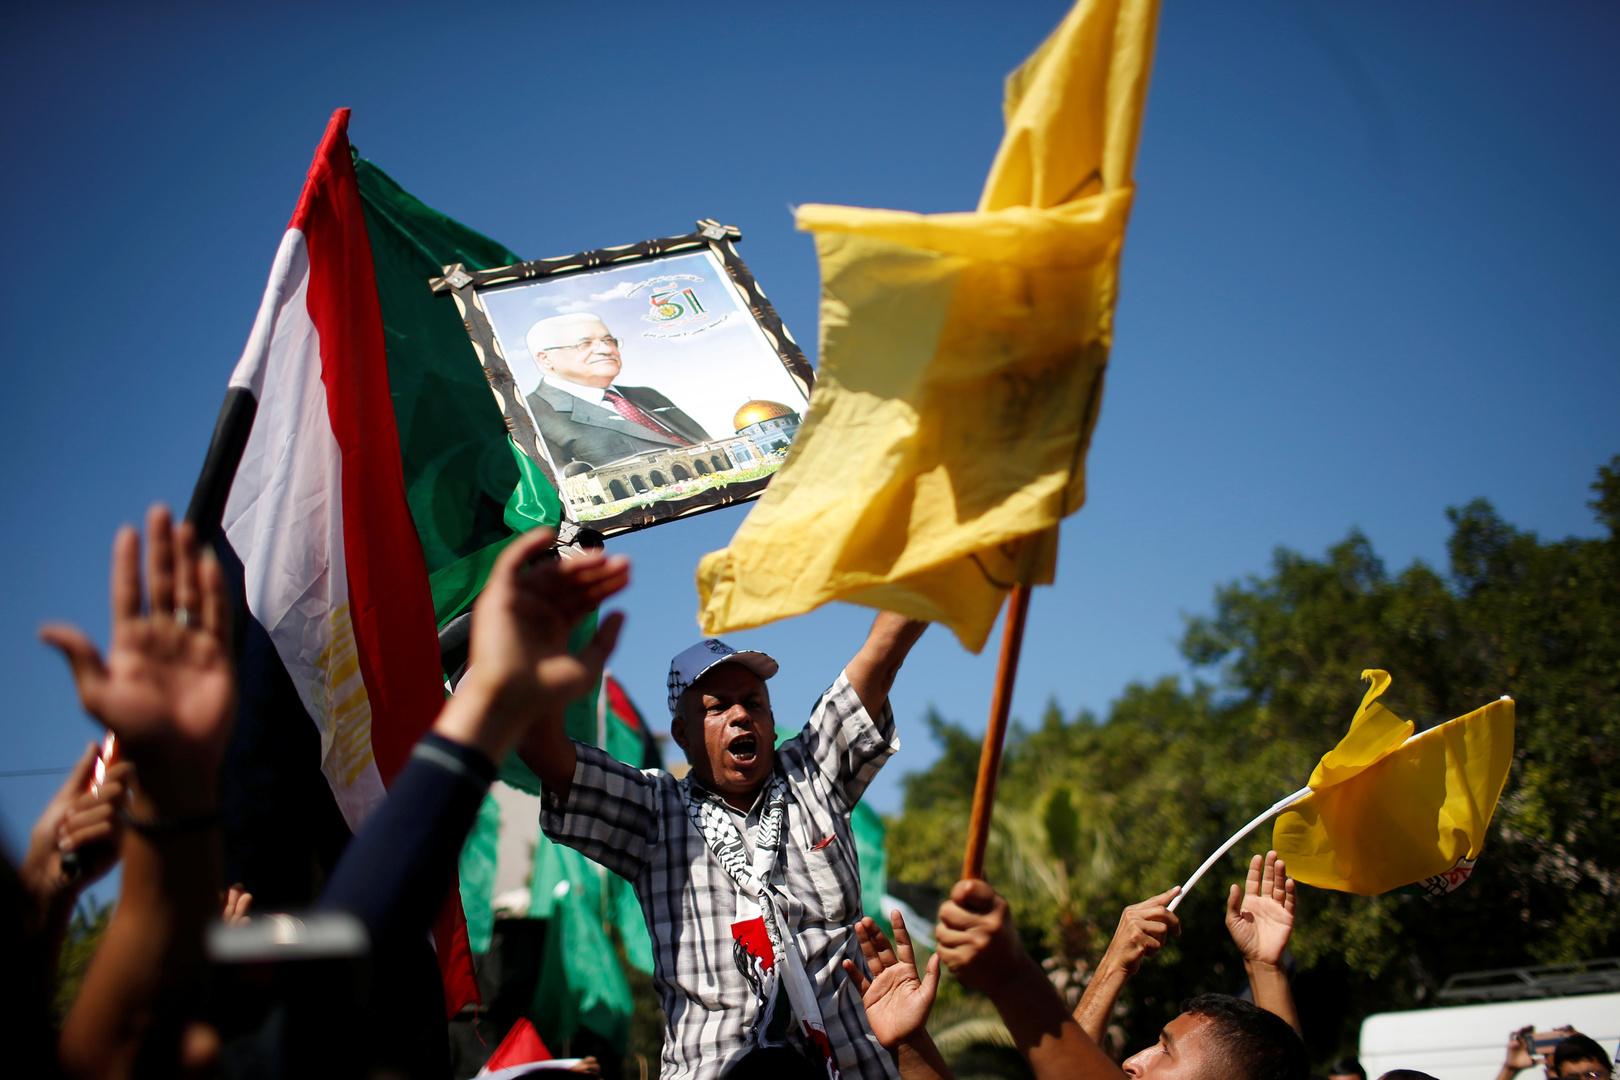 المصالحة الفلسطينية.. الإعلان النهائي عن التوافق الوطني قبل مطلع أكتوبر